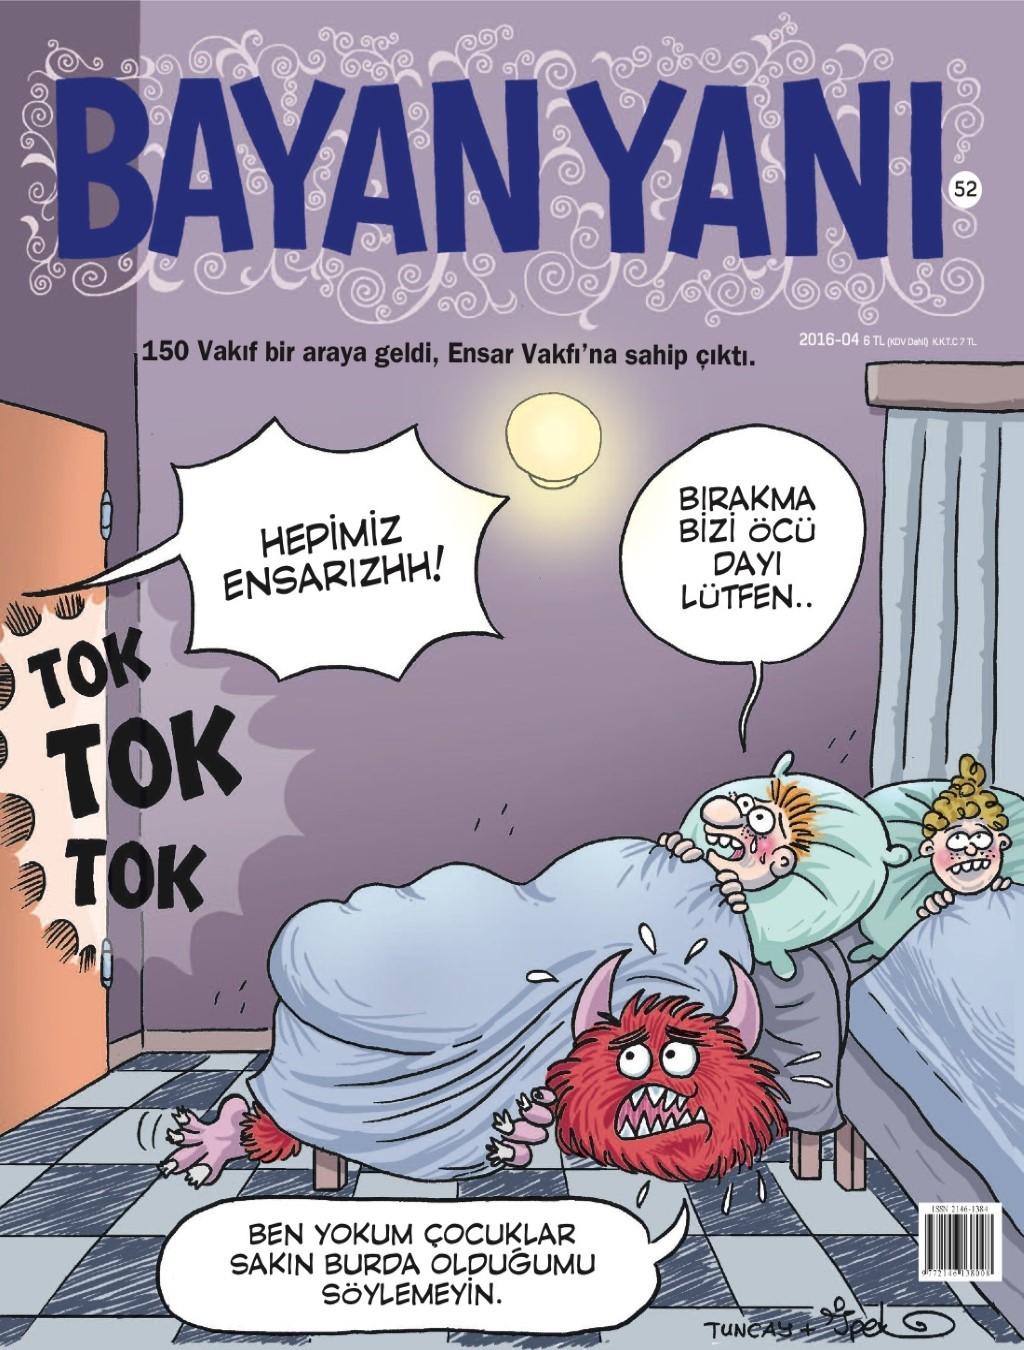 Bayan Yanı Nisan E-dergi indir Sandalca.com